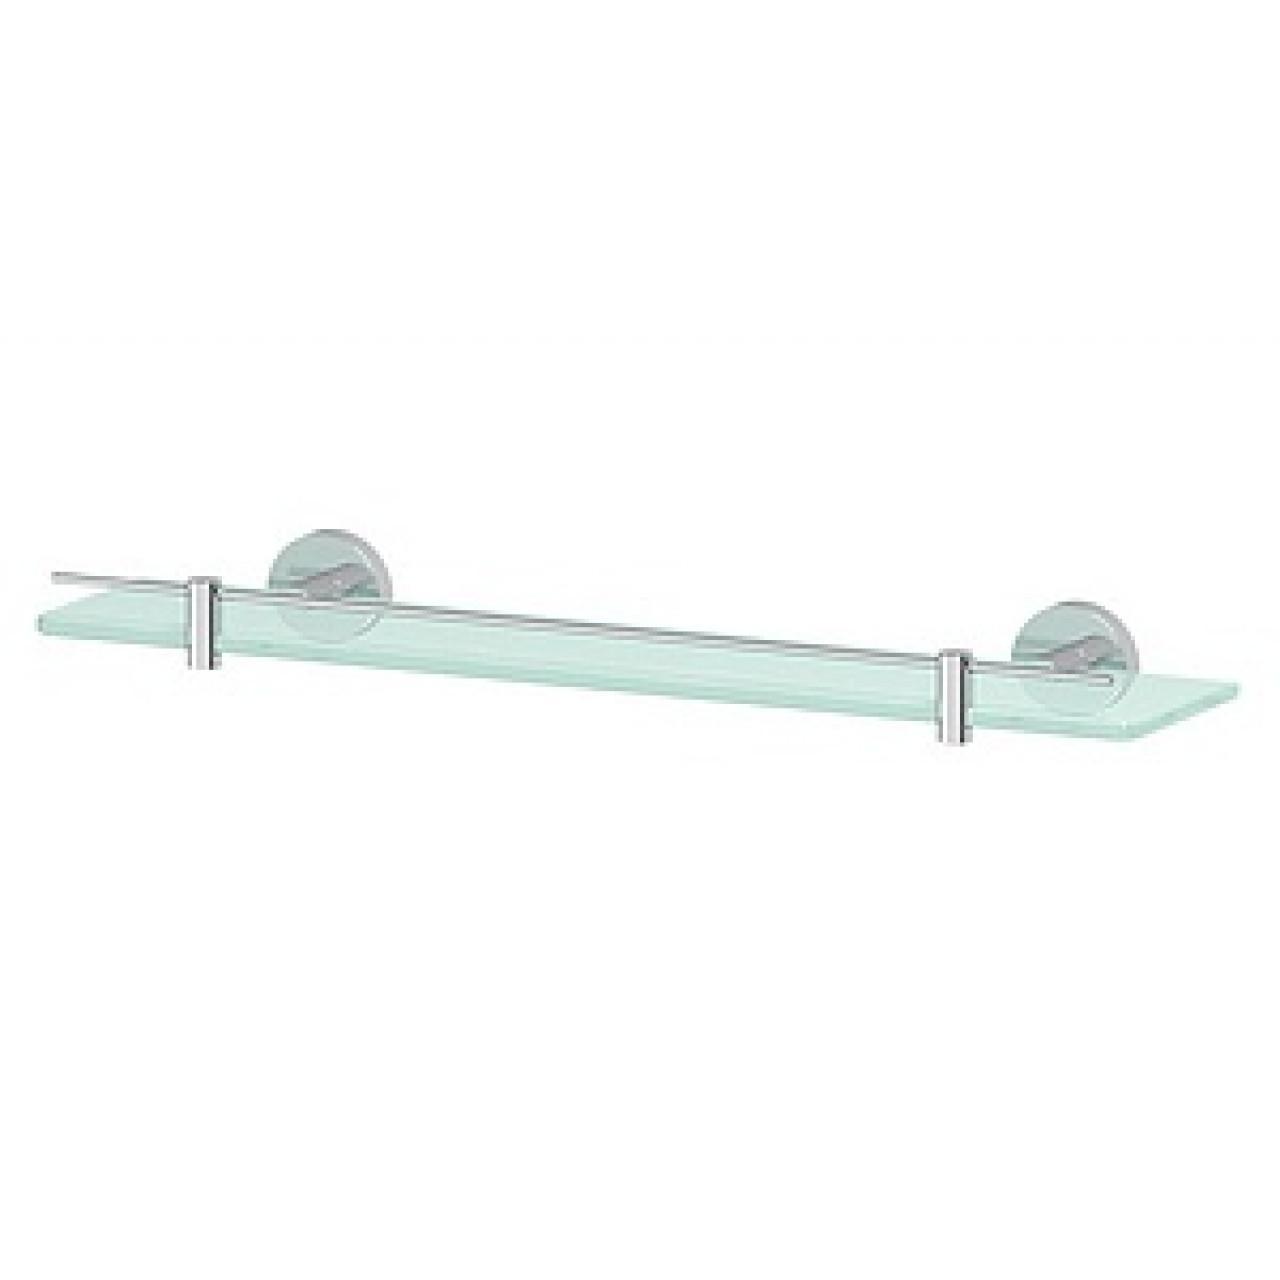 Полка Artwelle Harmonie HAR 035 50 см купить в Москве по цене от 3411р. в интернет-магазине mebel-v-vannu.ru